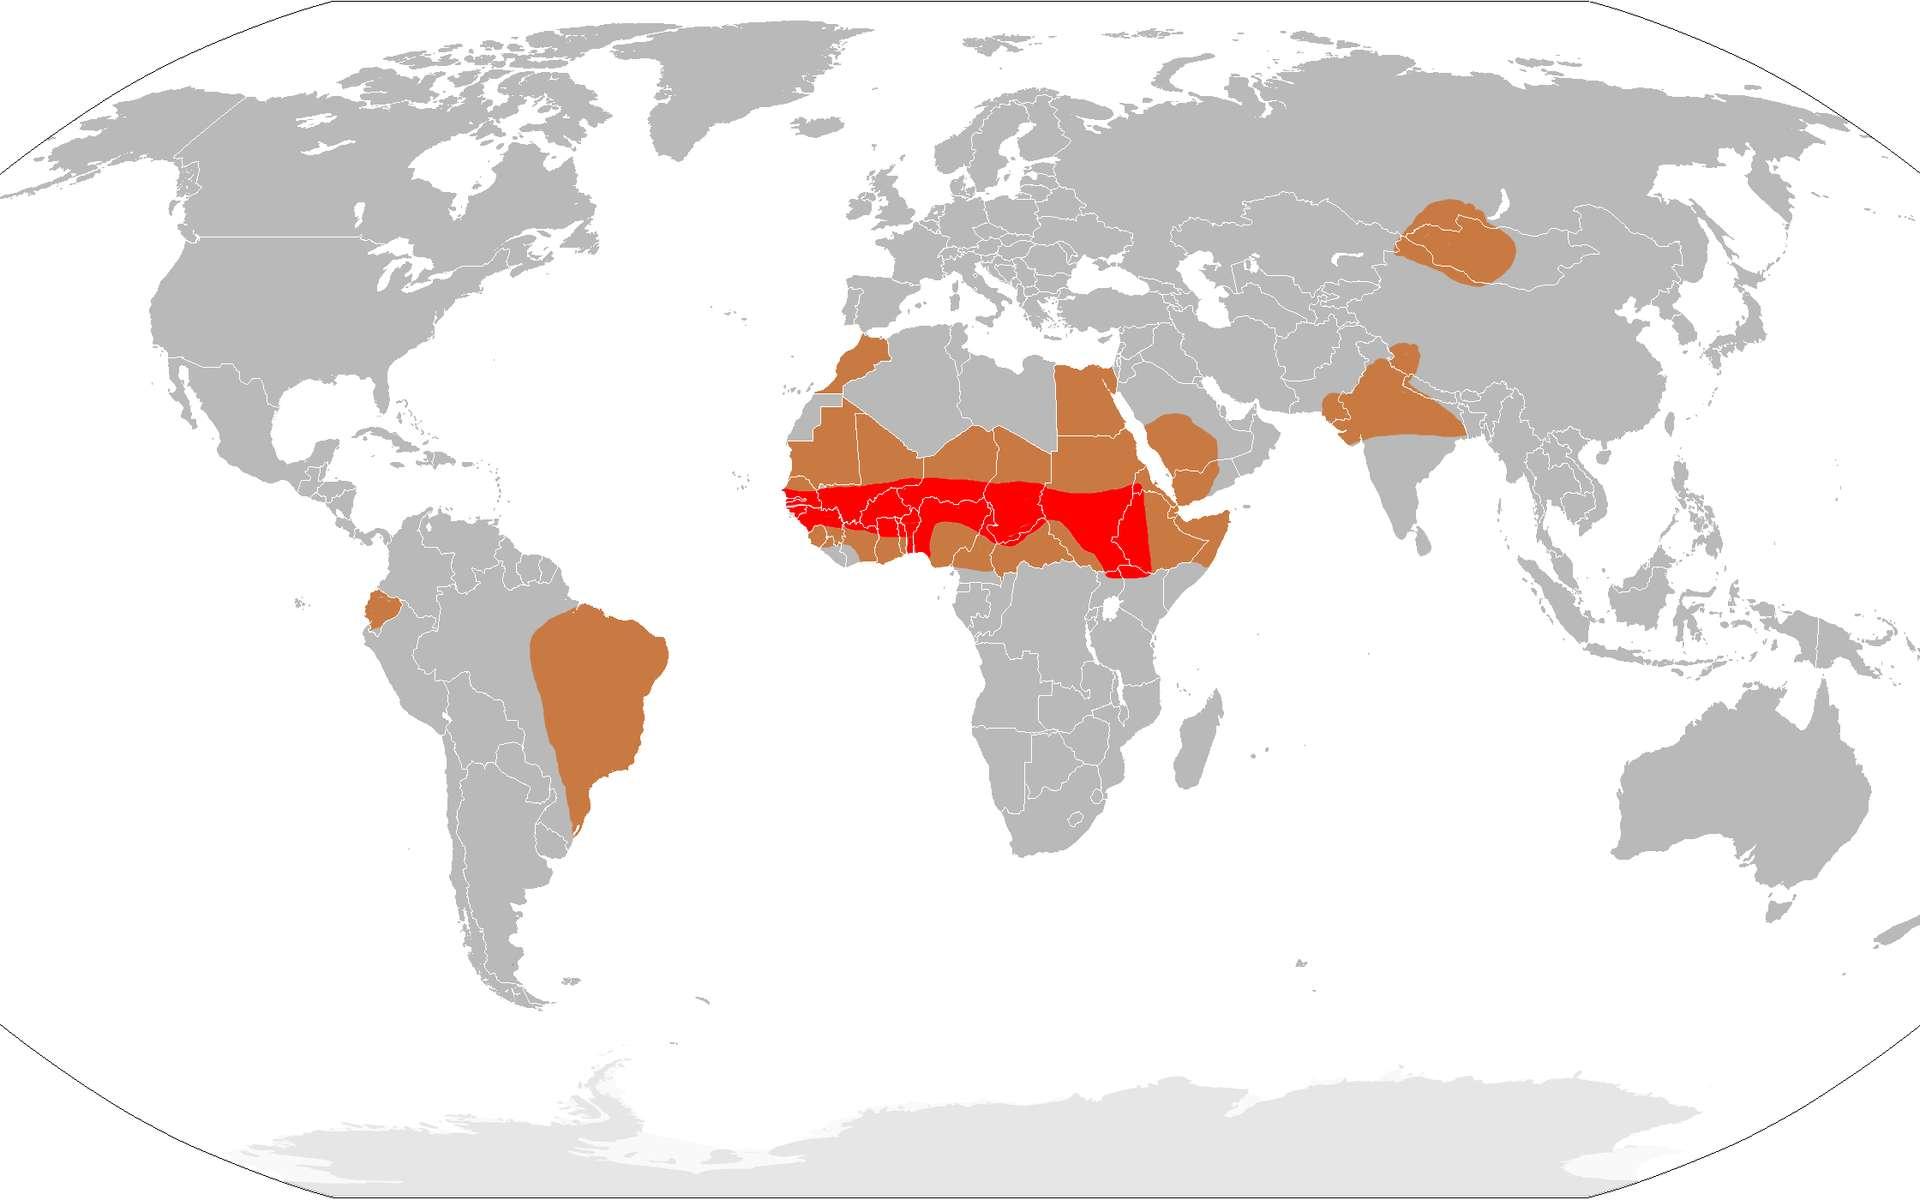 La méningite à méningocoque dans le monde. En rouge : ceinture de la méningite. En marron : zone épidémique. En gris : zone avec cas sporadiques. © Leevanjackson, dérivé de CIA World Factbook, Wikipedia, DP